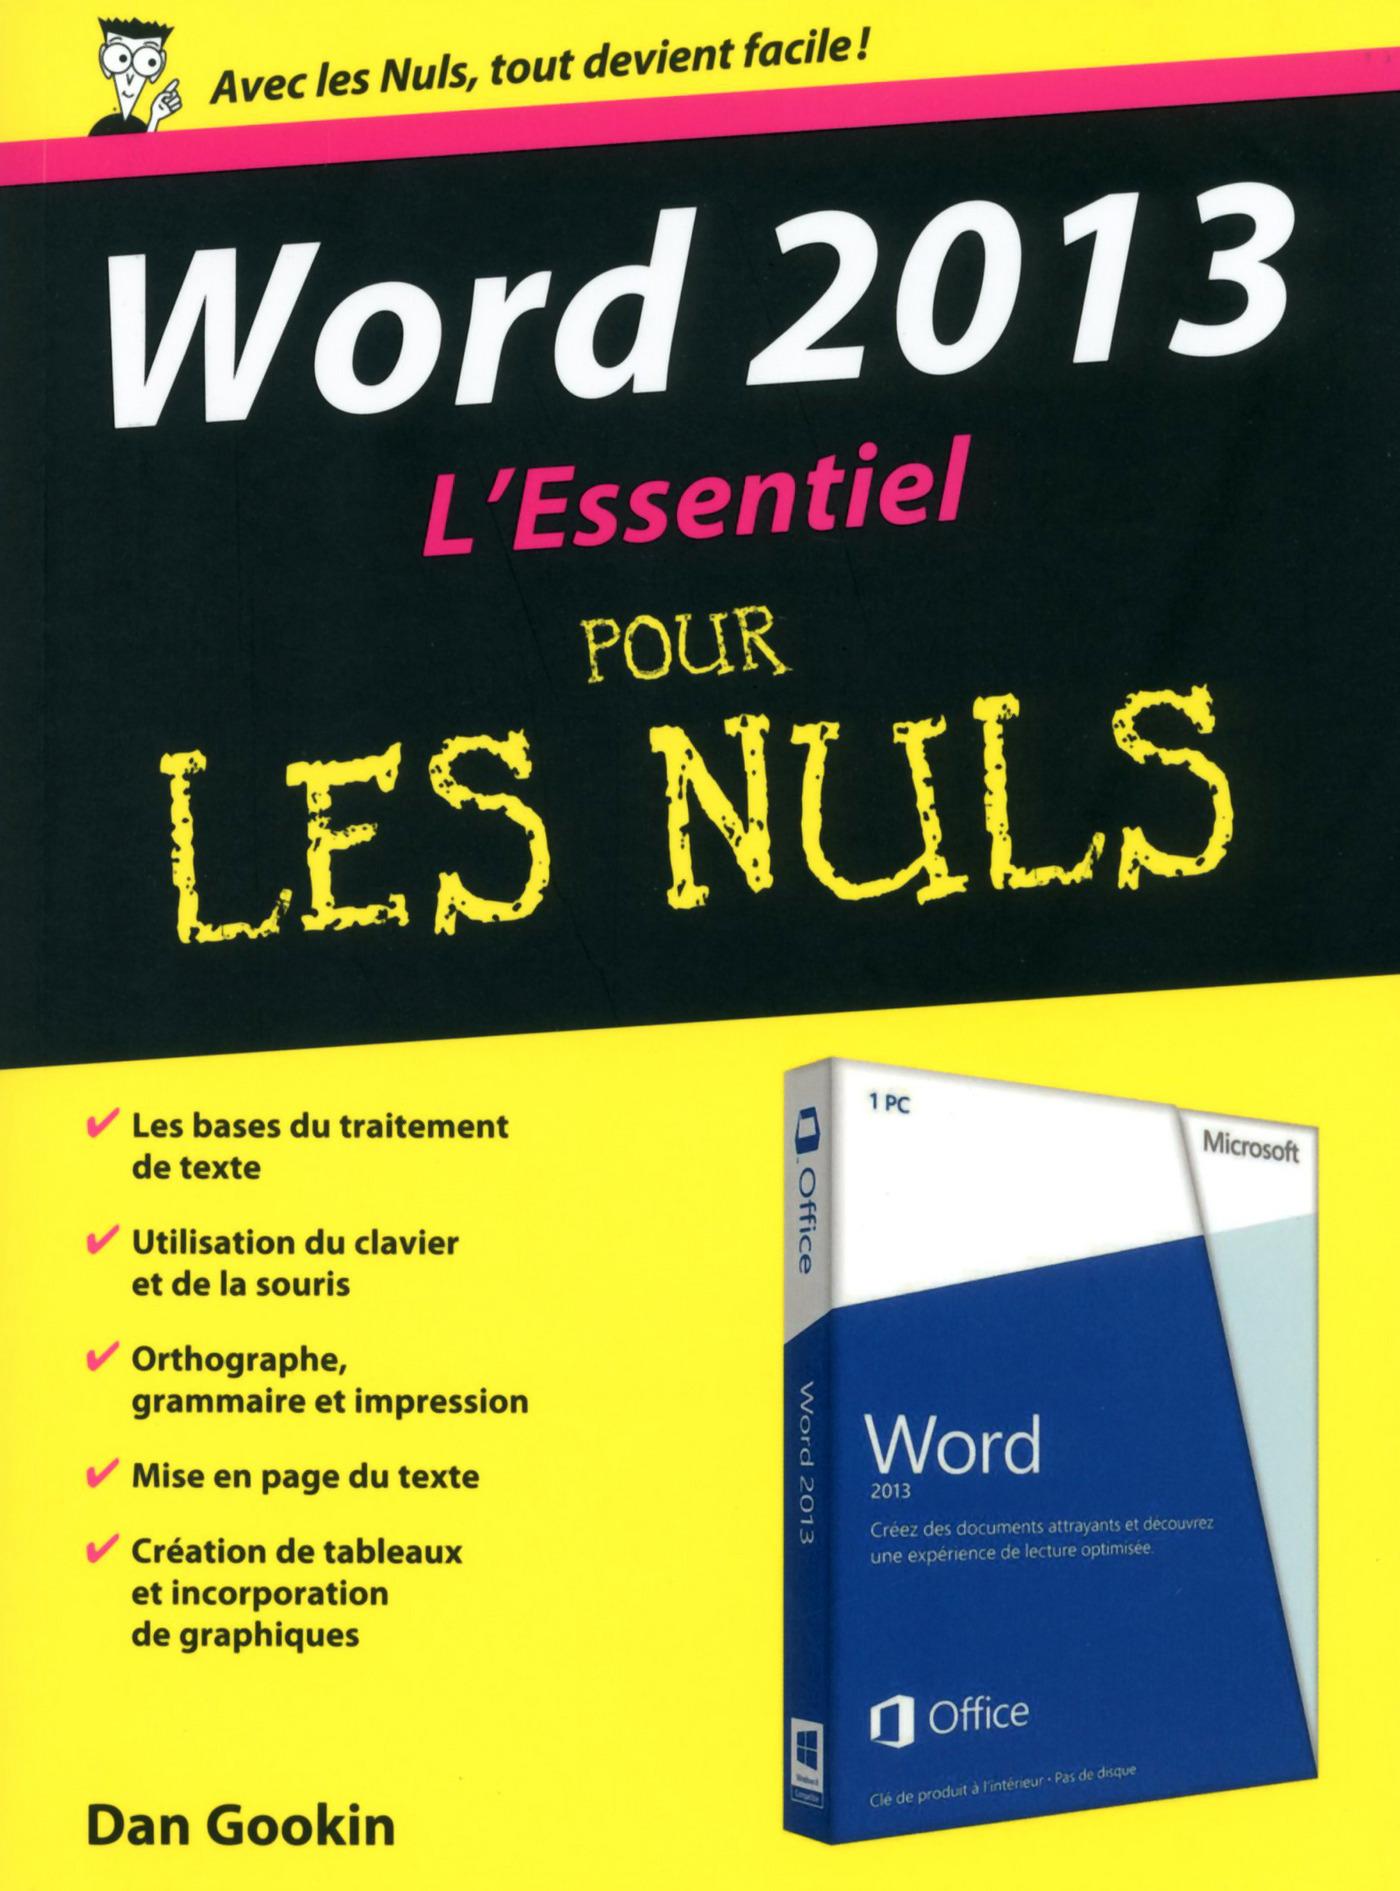 Word 2013 Essentiel pour les Nuls